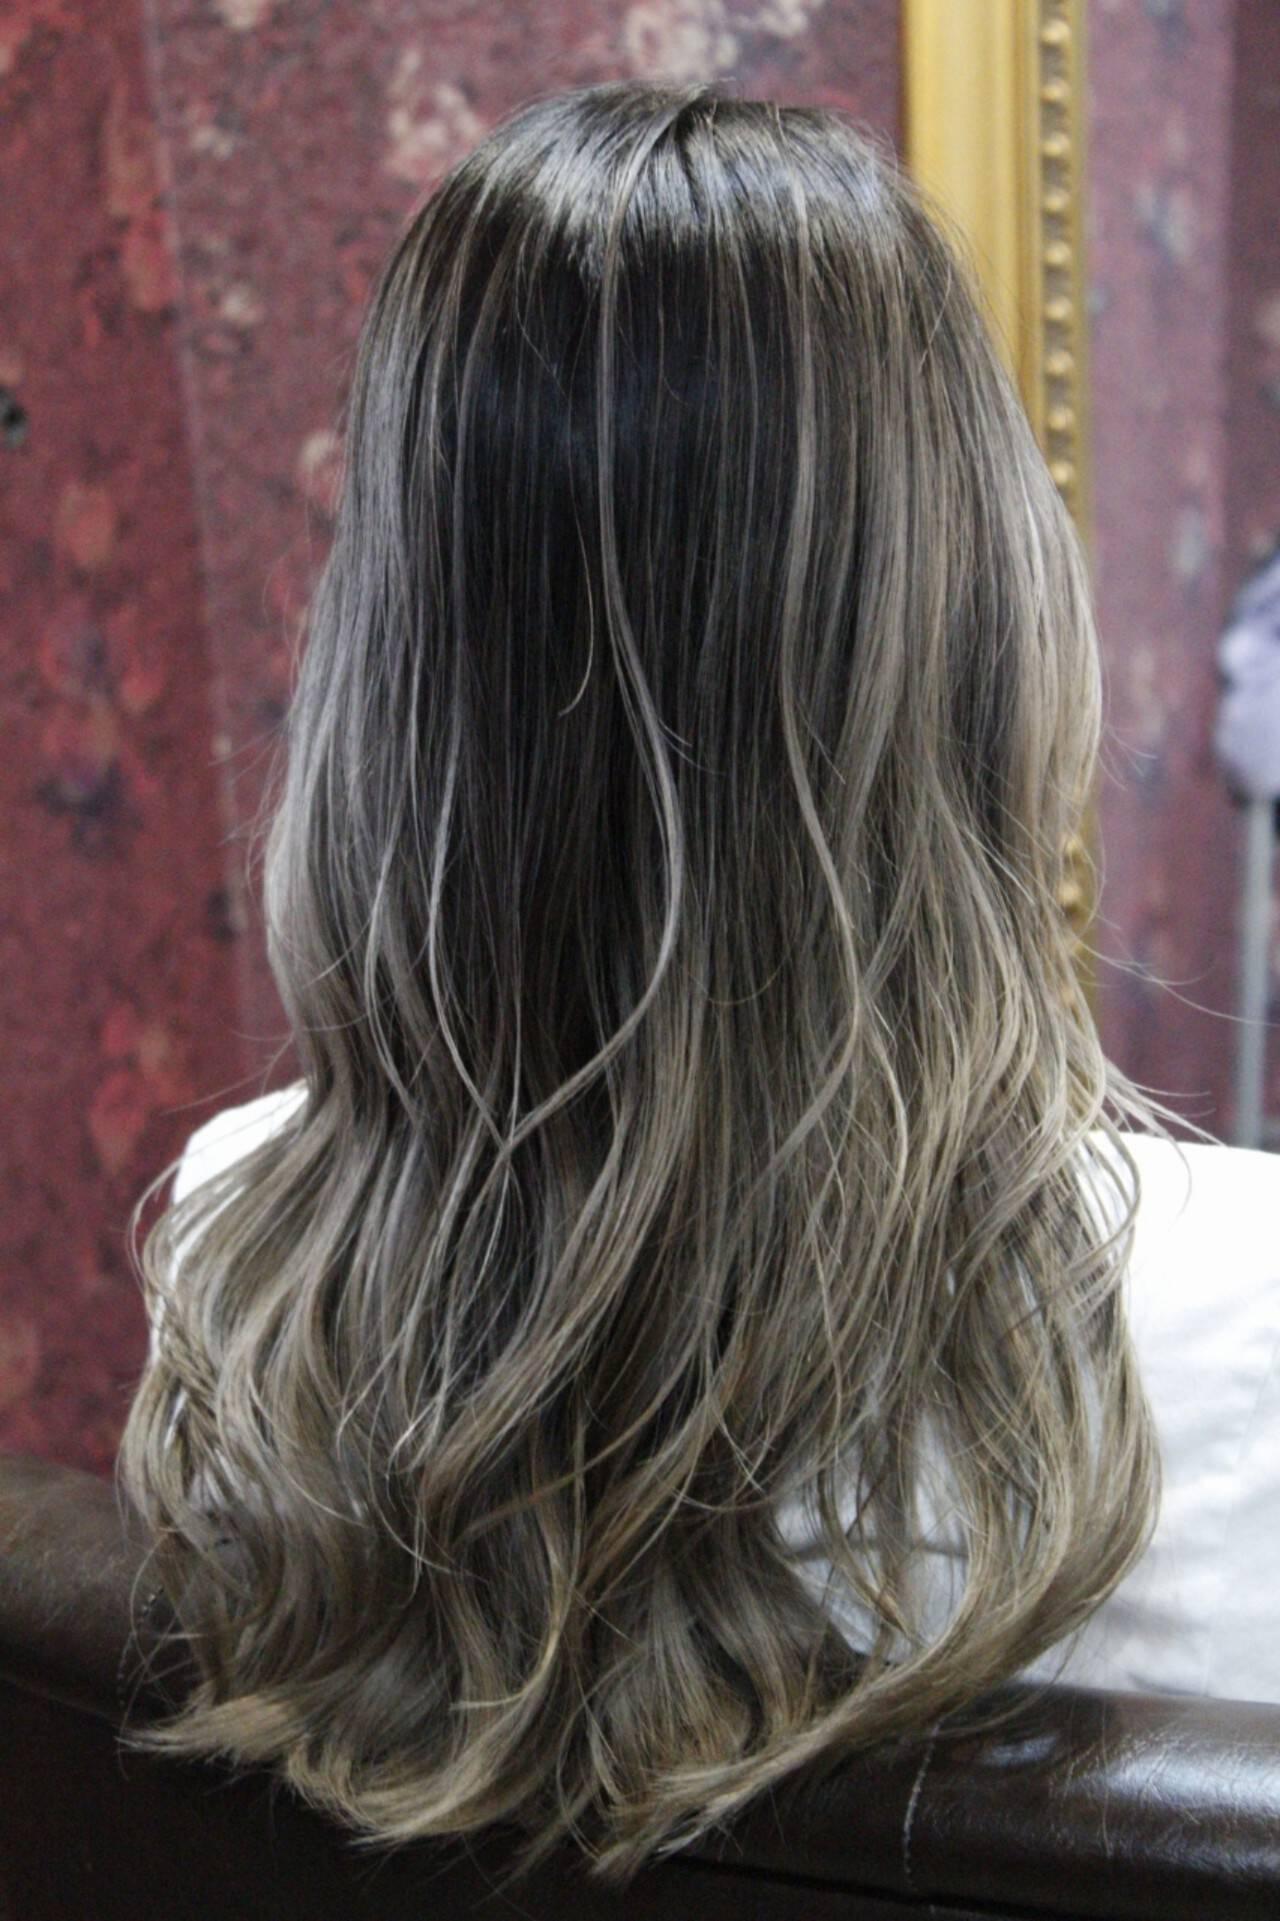 バレイヤージュ 外国人風カラー フェミニン グレージュヘアスタイルや髪型の写真・画像